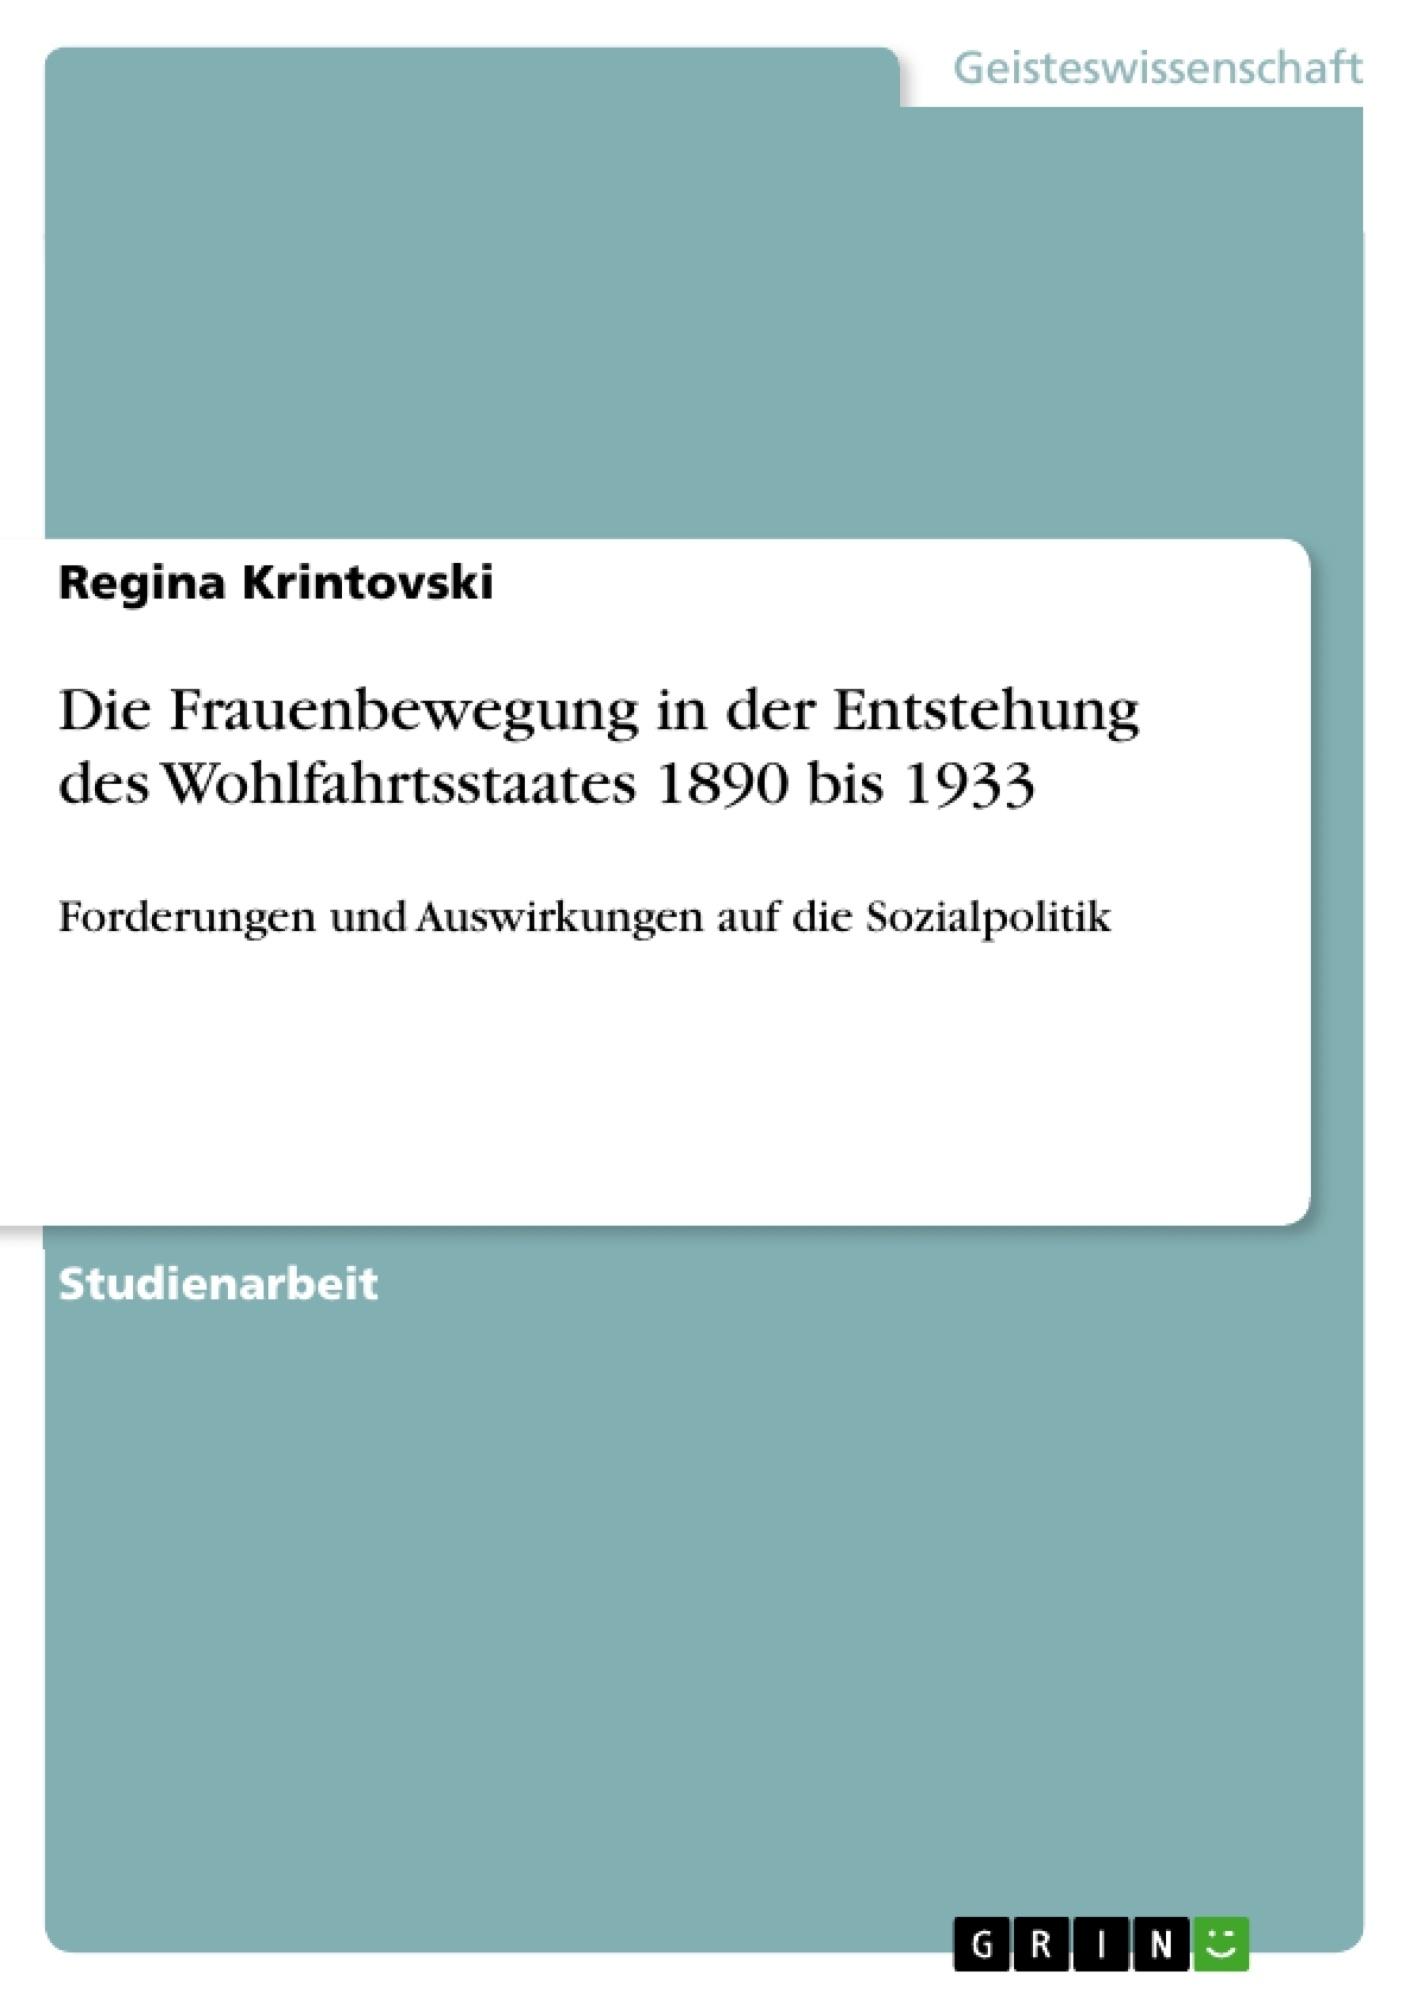 Titel: Die Frauenbewegung in der Entstehung des Wohlfahrtsstaates 1890 bis 1933